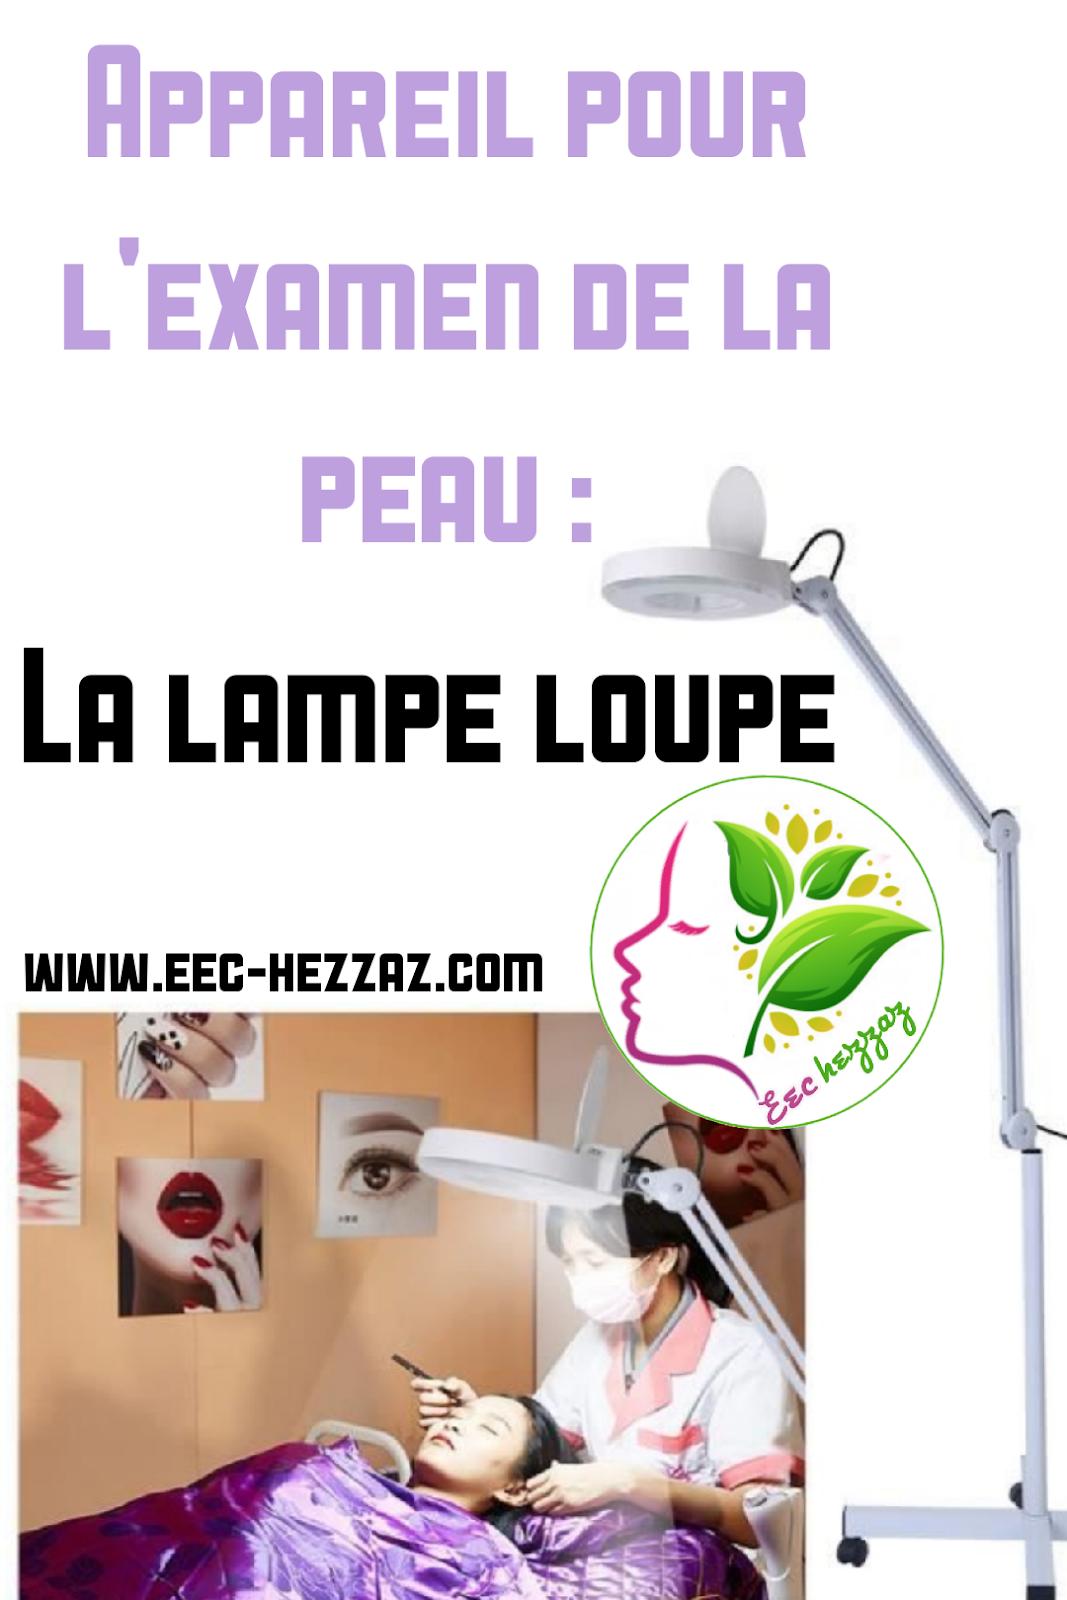 Appareil pour l'examen de la peau : La lampe loupe